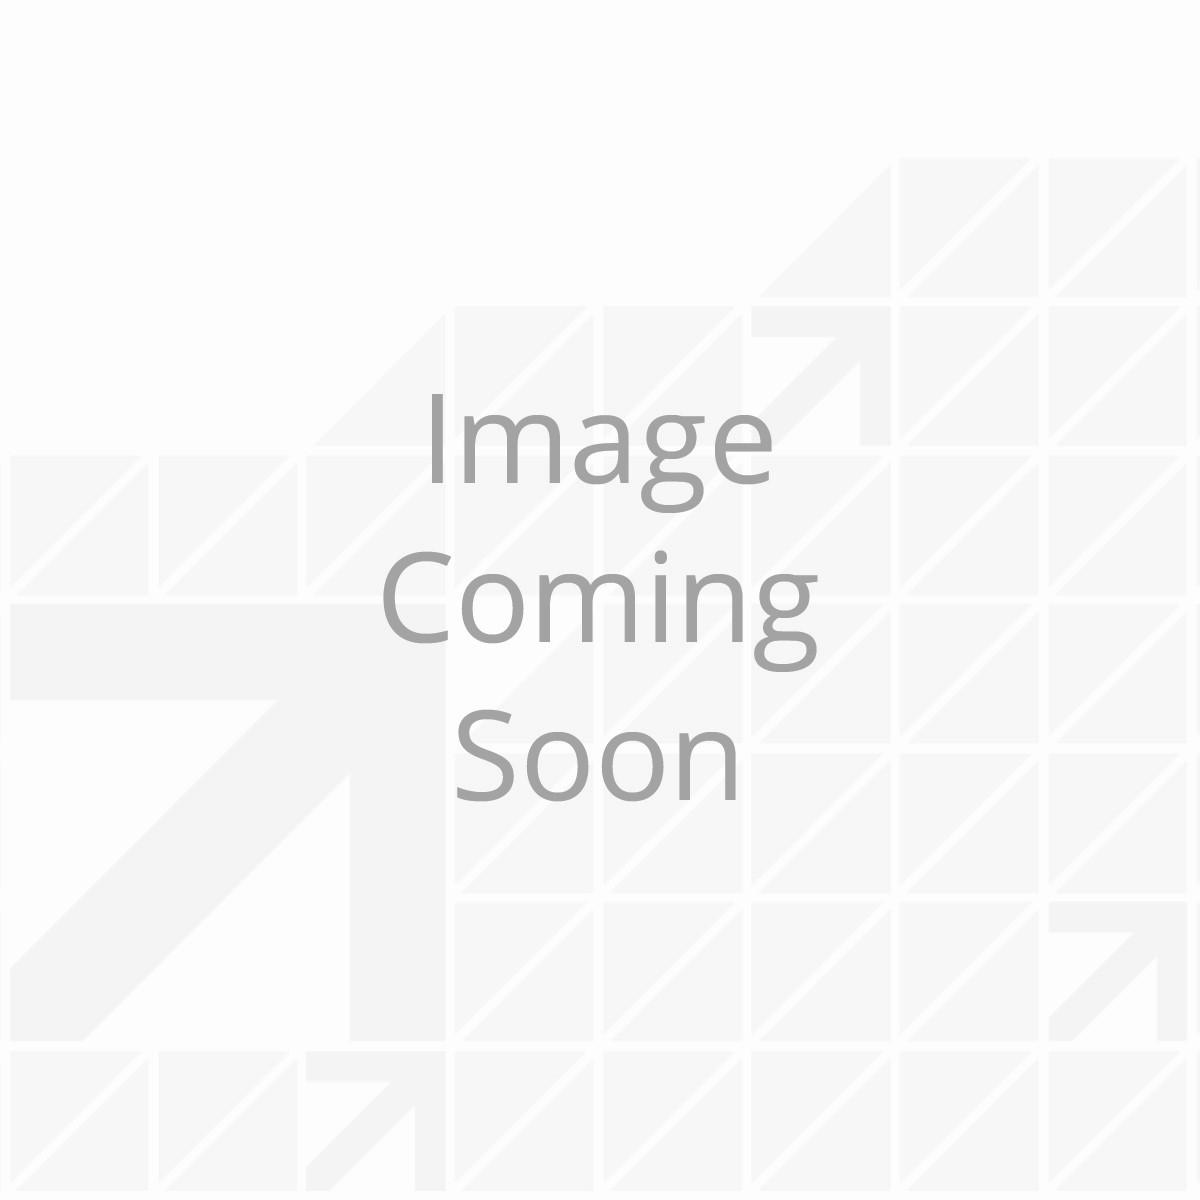 354184_-_hydraulic_cyilnder_43_inch_-_render_1.png